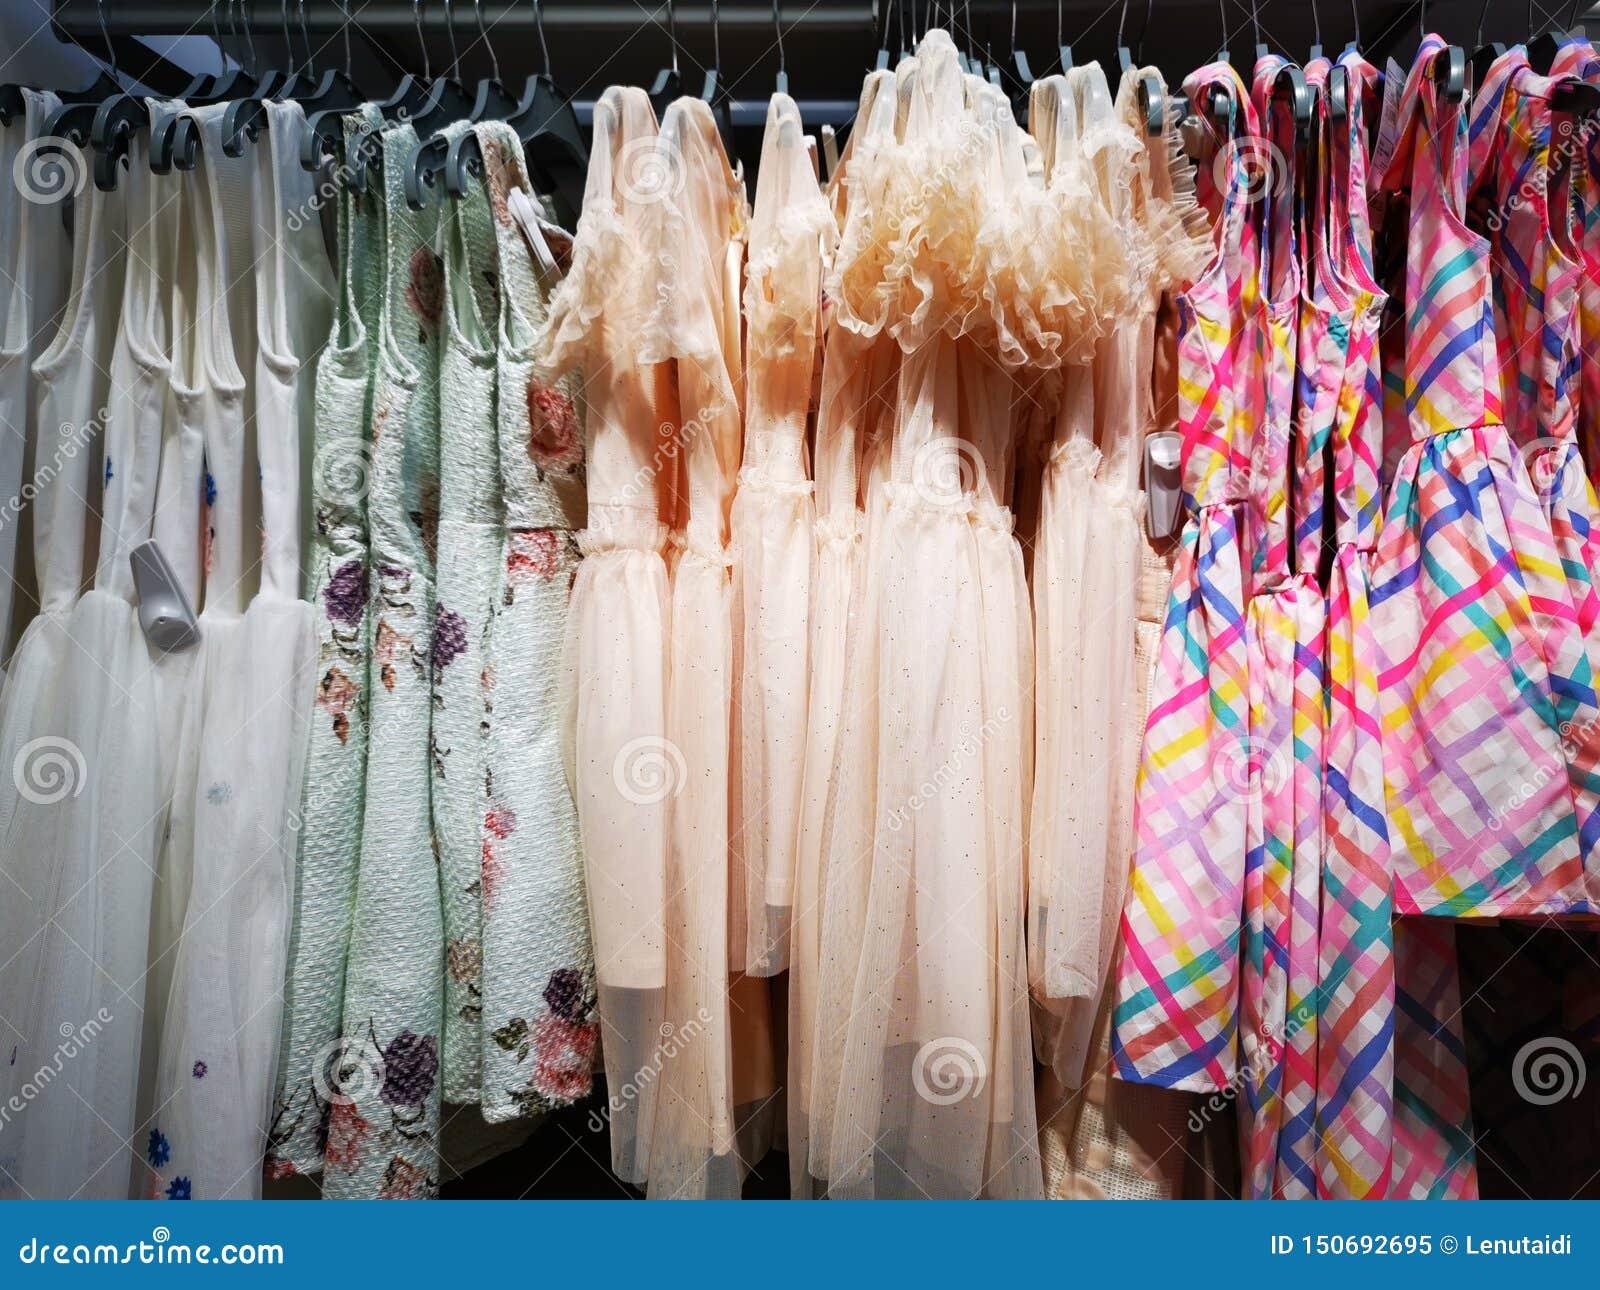 Pour Accrocher Les Vetements robes pour accrocher de petites filles image stock - image